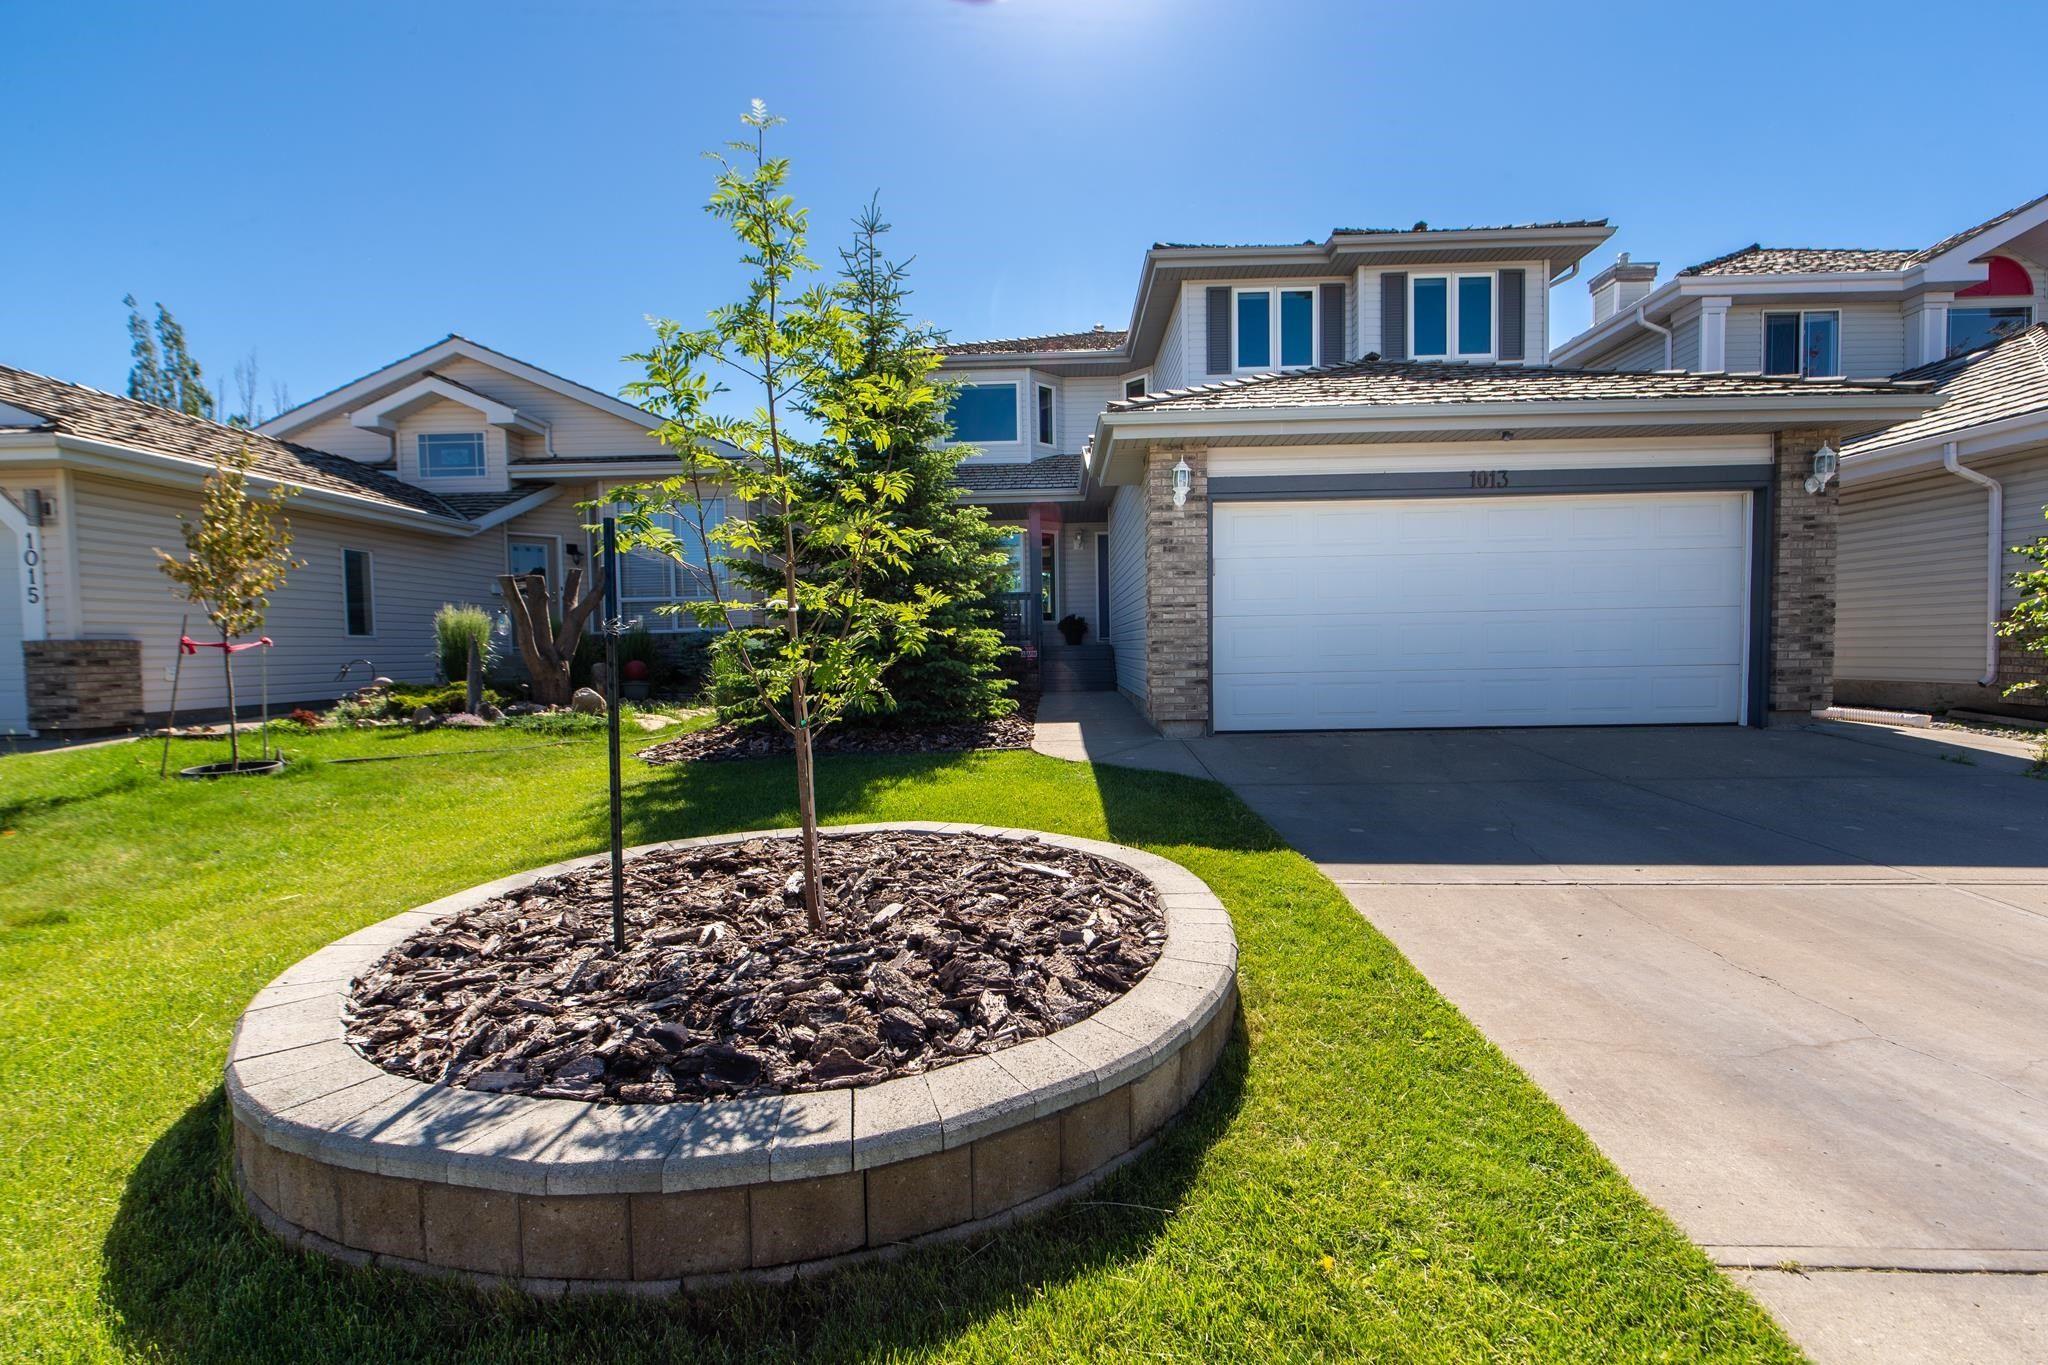 Main Photo: 1013 BLACKBURN Close in Edmonton: Zone 55 House for sale : MLS®# E4263690